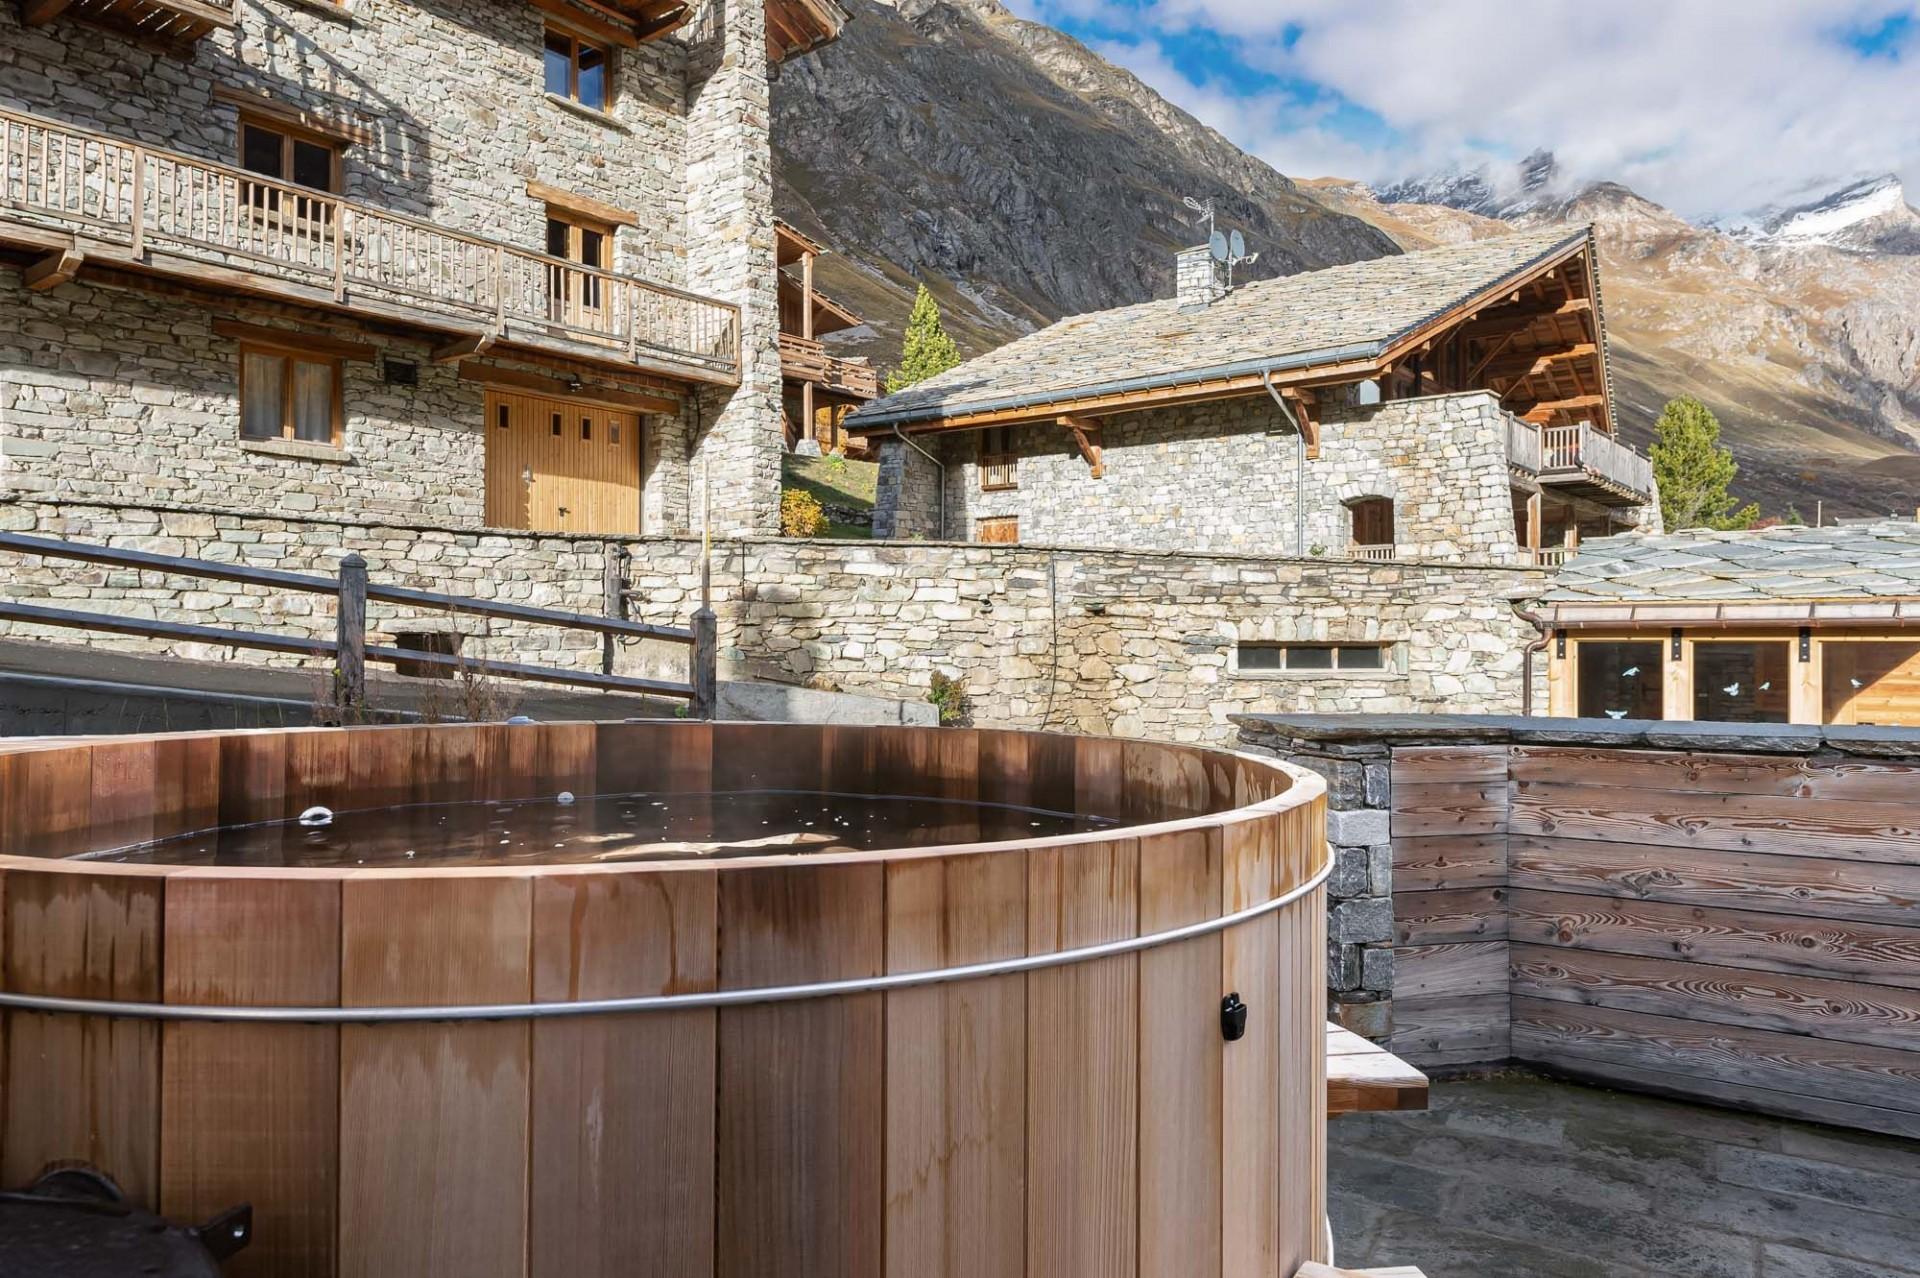 Val d'Isère Location Chalet Luxe Tellanche Bain Nordique 2